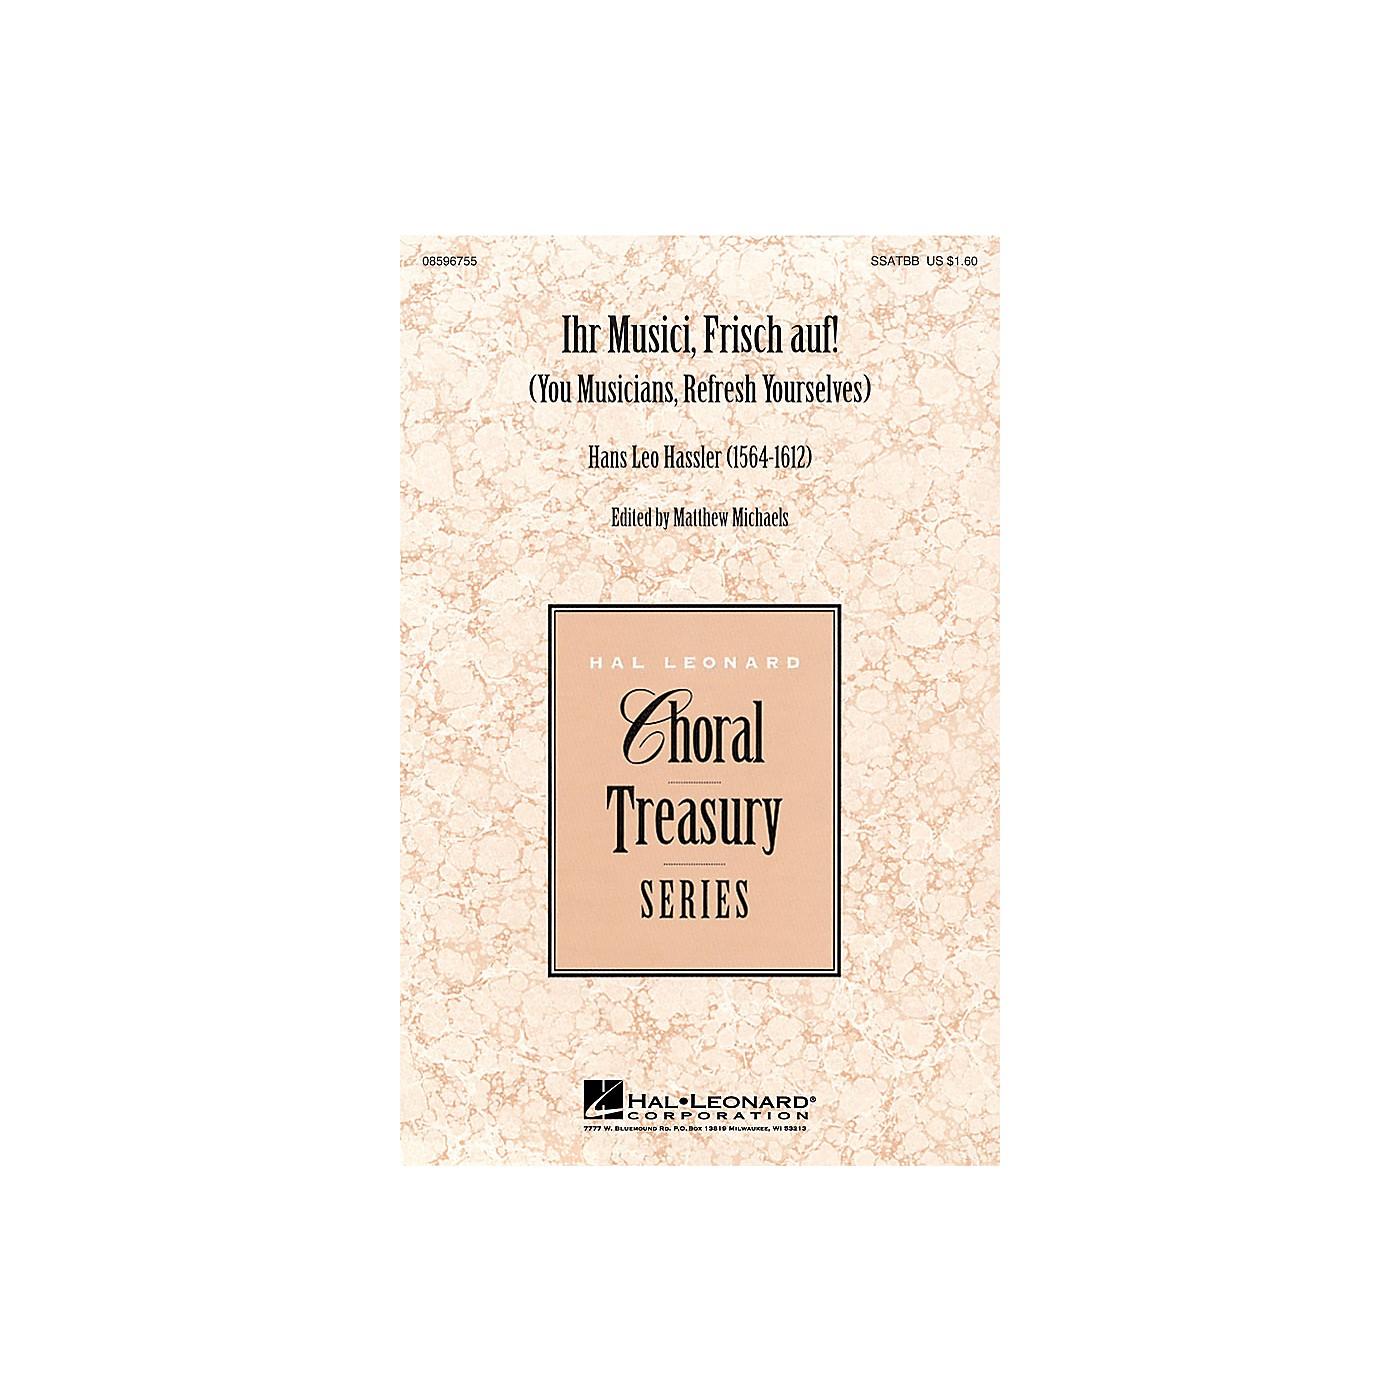 Hal Leonard Ihr Musici, Frisch Auf! SSATBB arranged by Matthew Michaels thumbnail